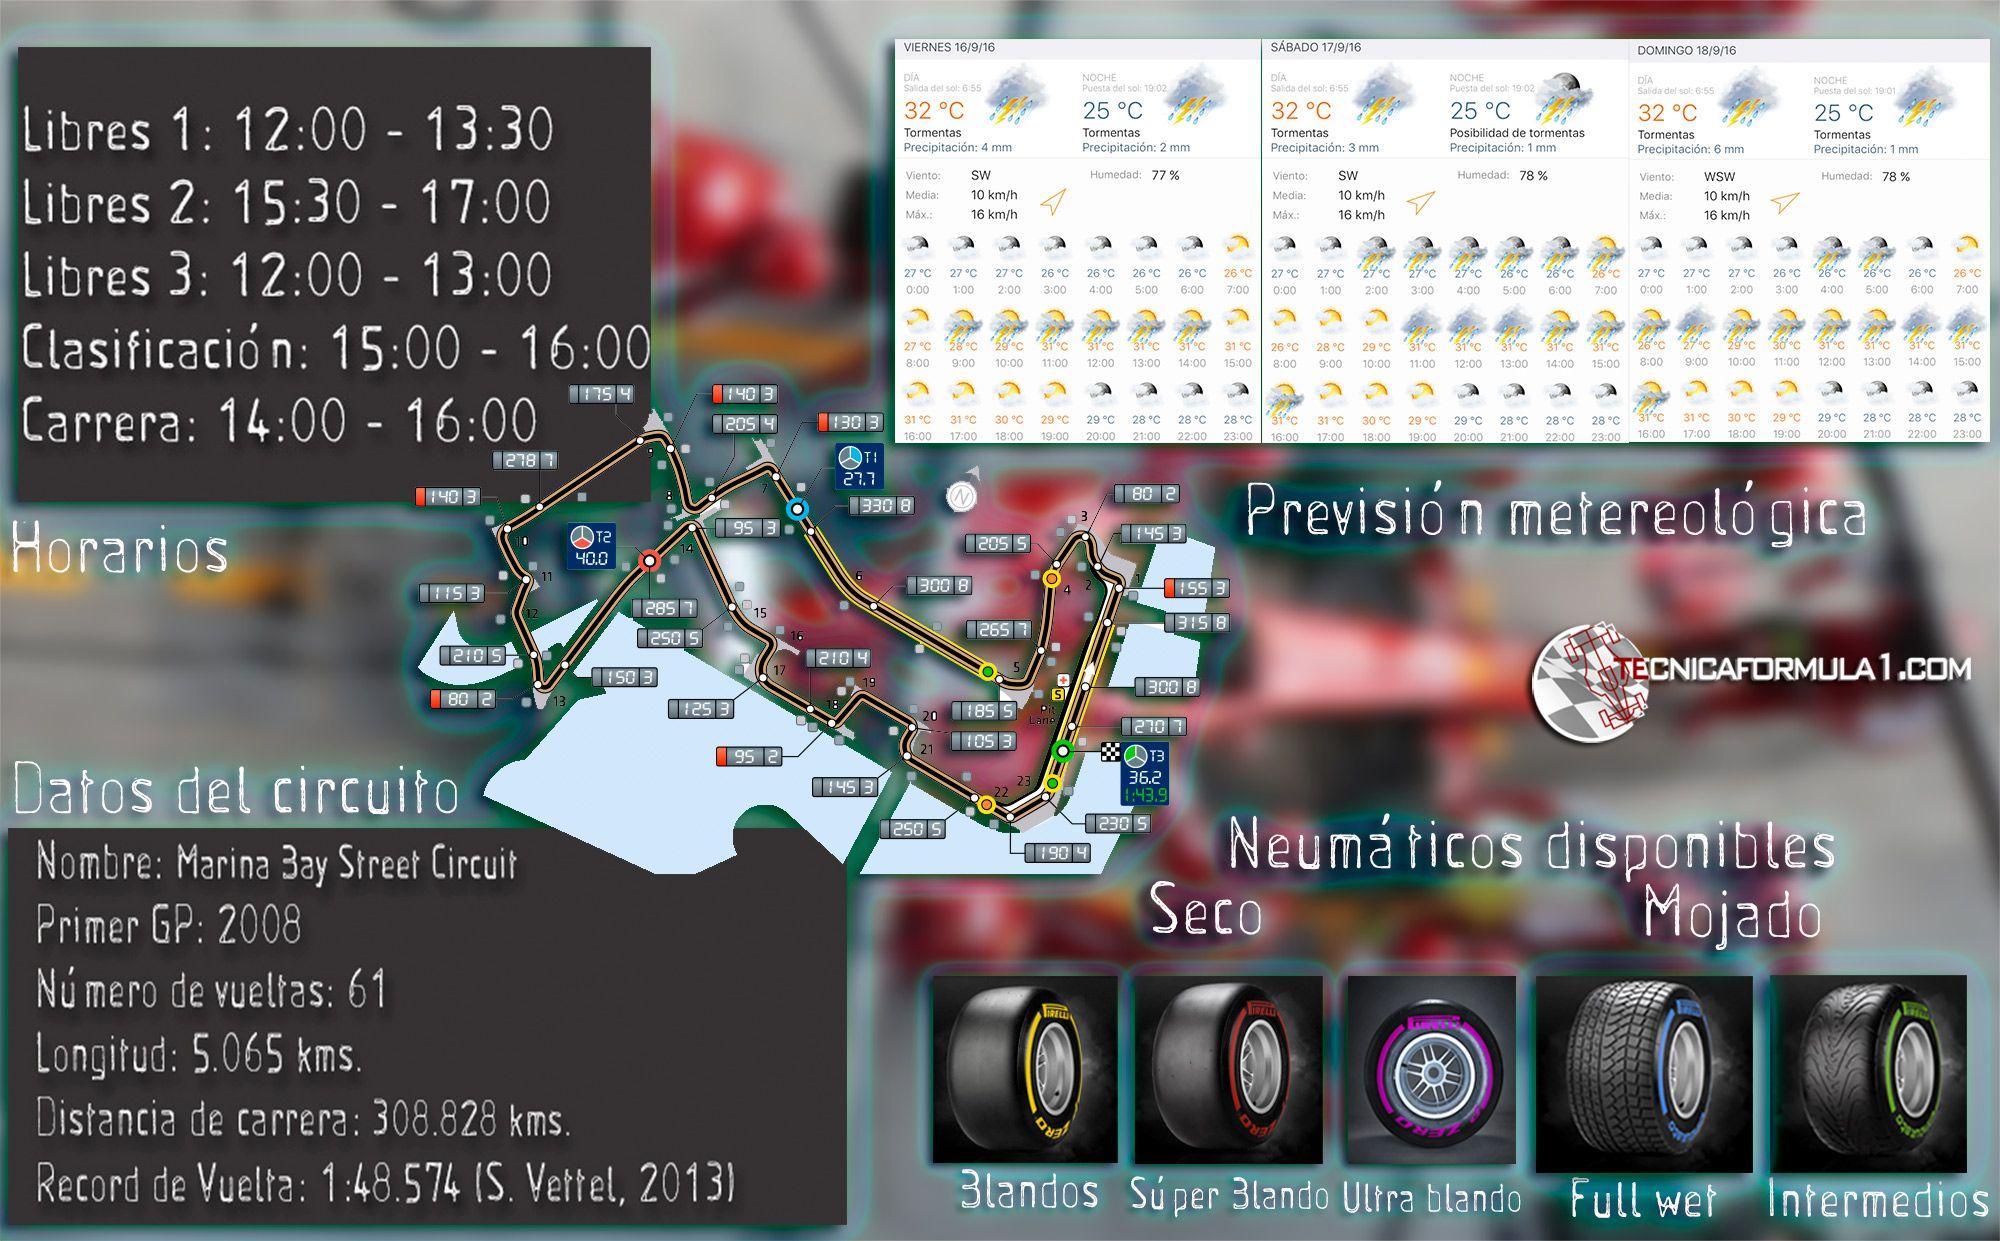 Circuito Singapur : Infografía horarios datos del circuito meteorología y neumáticos